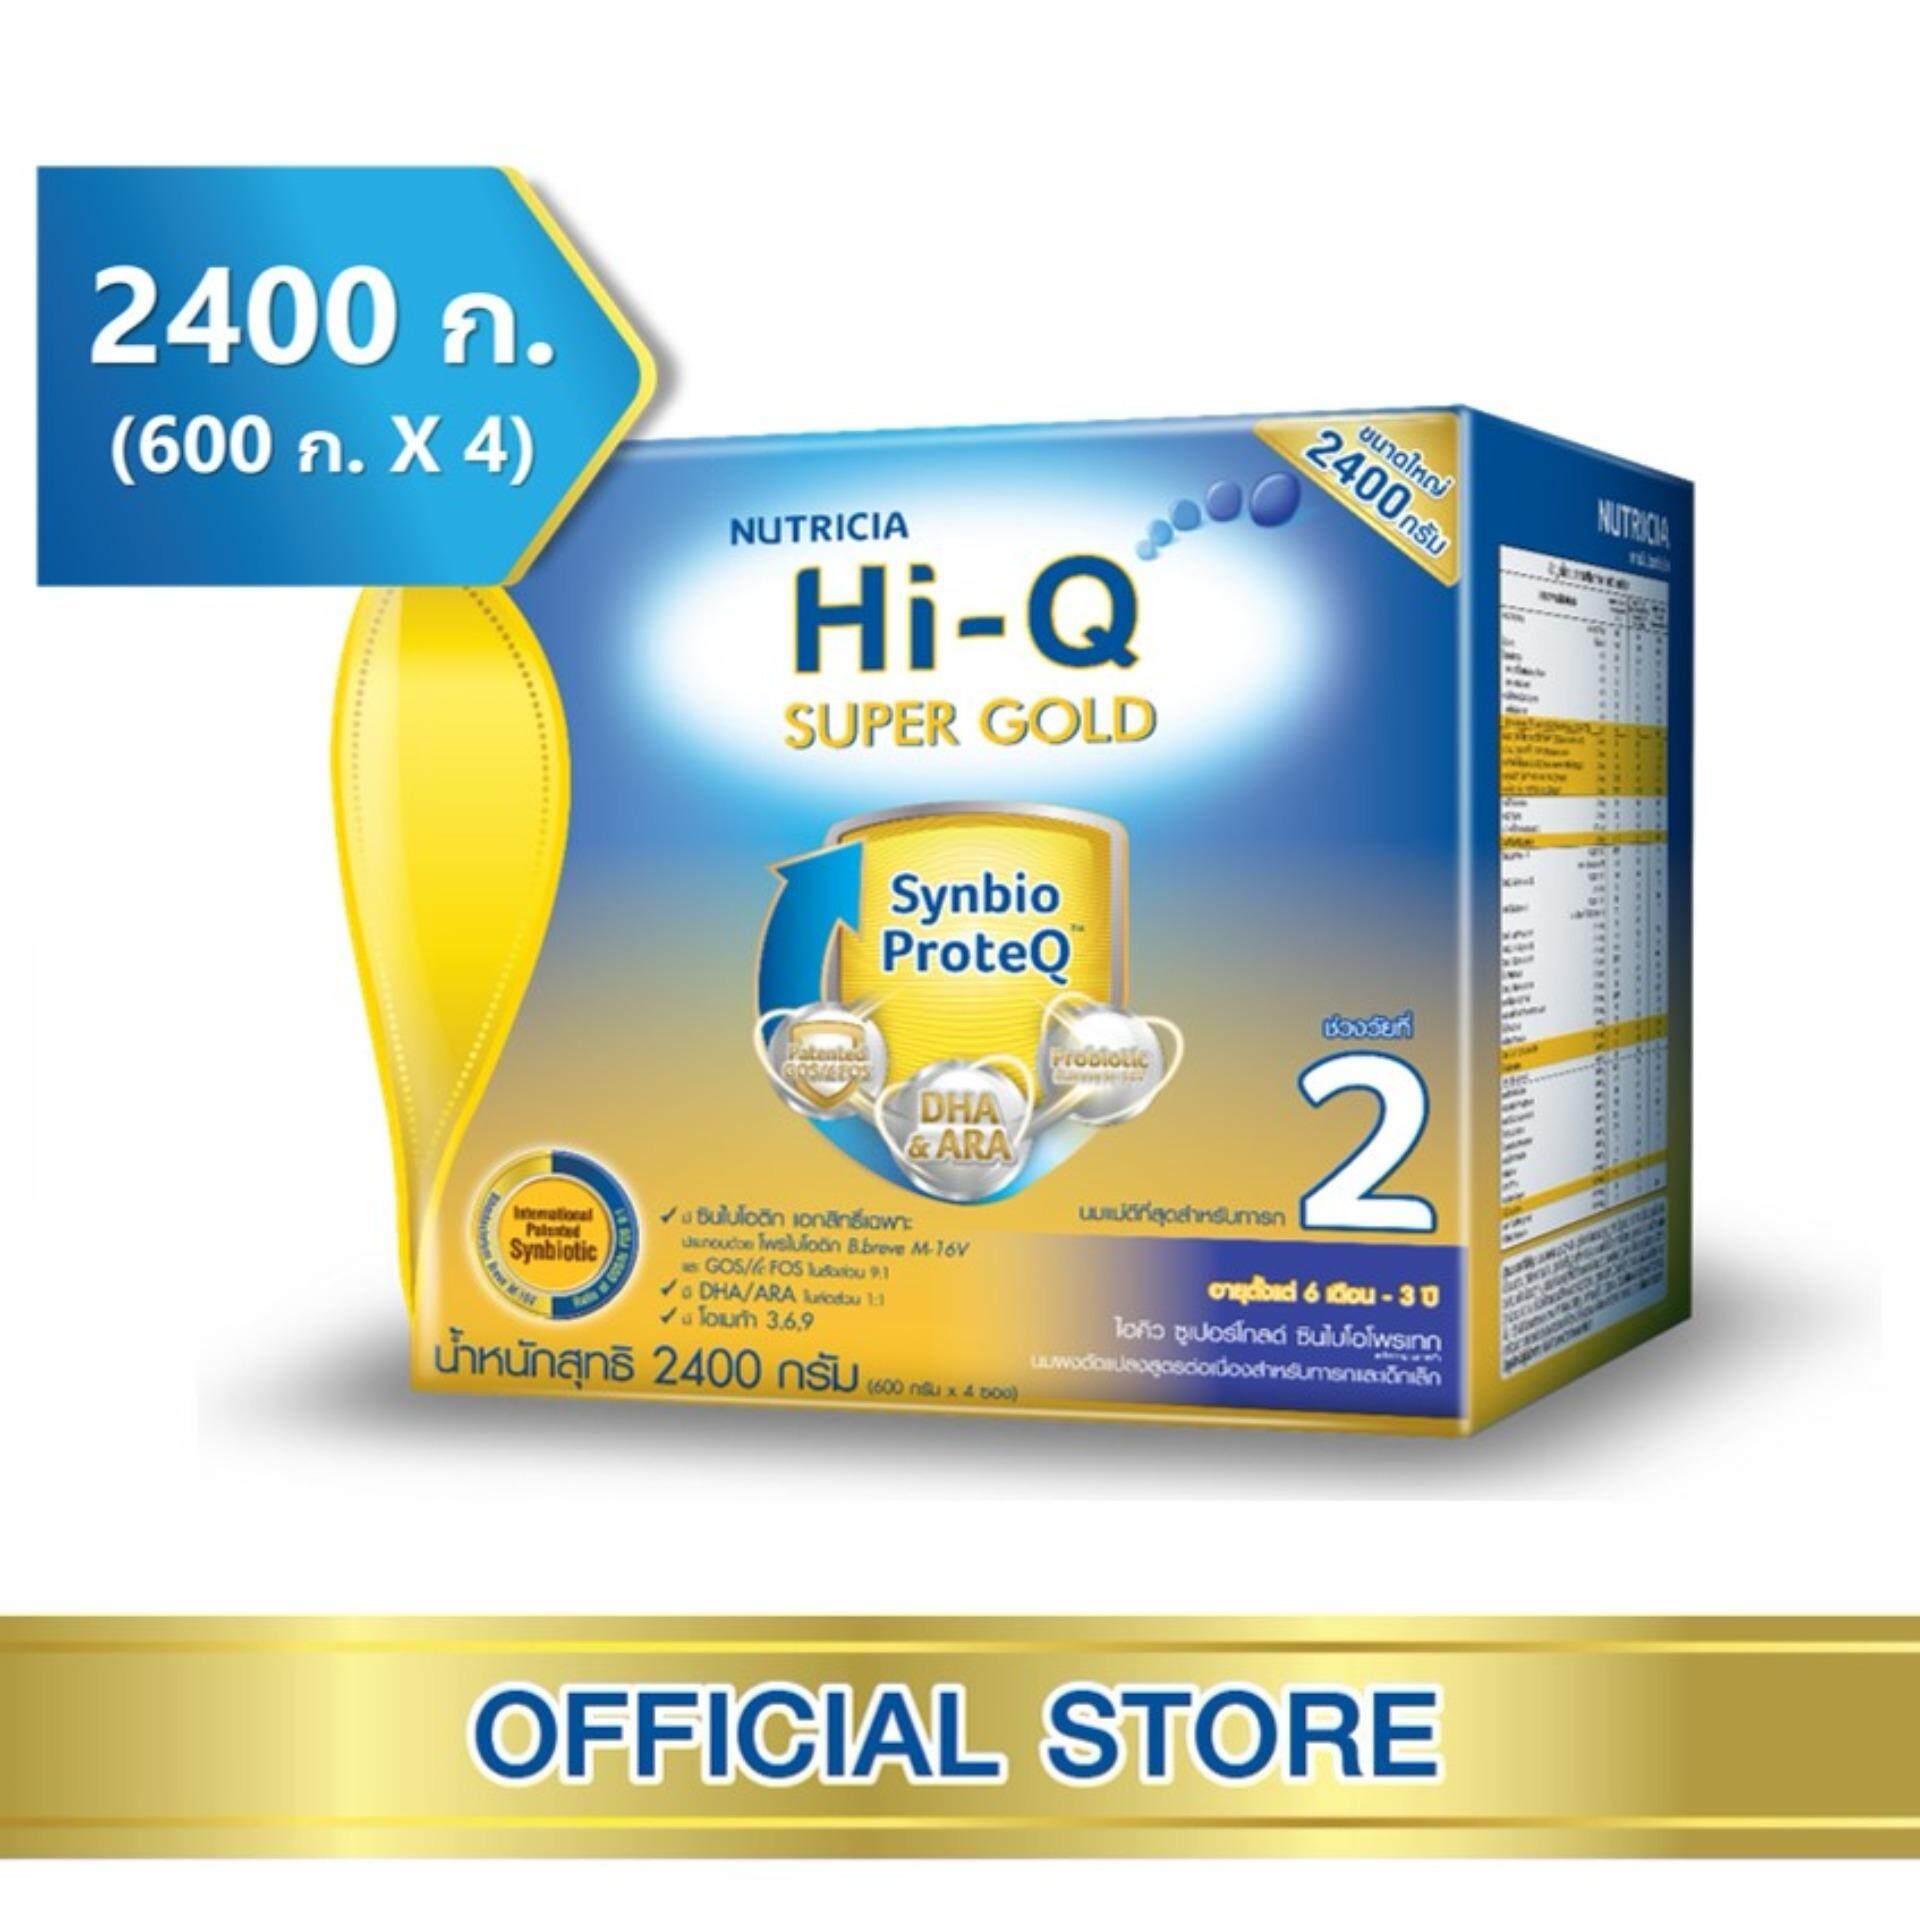 นมผง Hi-Q Supergold ไฮคิว ซูเปอร์โกลด์ ซินไบโอโพรเทก 2400 กรัม (ช่วงวัยที่ 2)